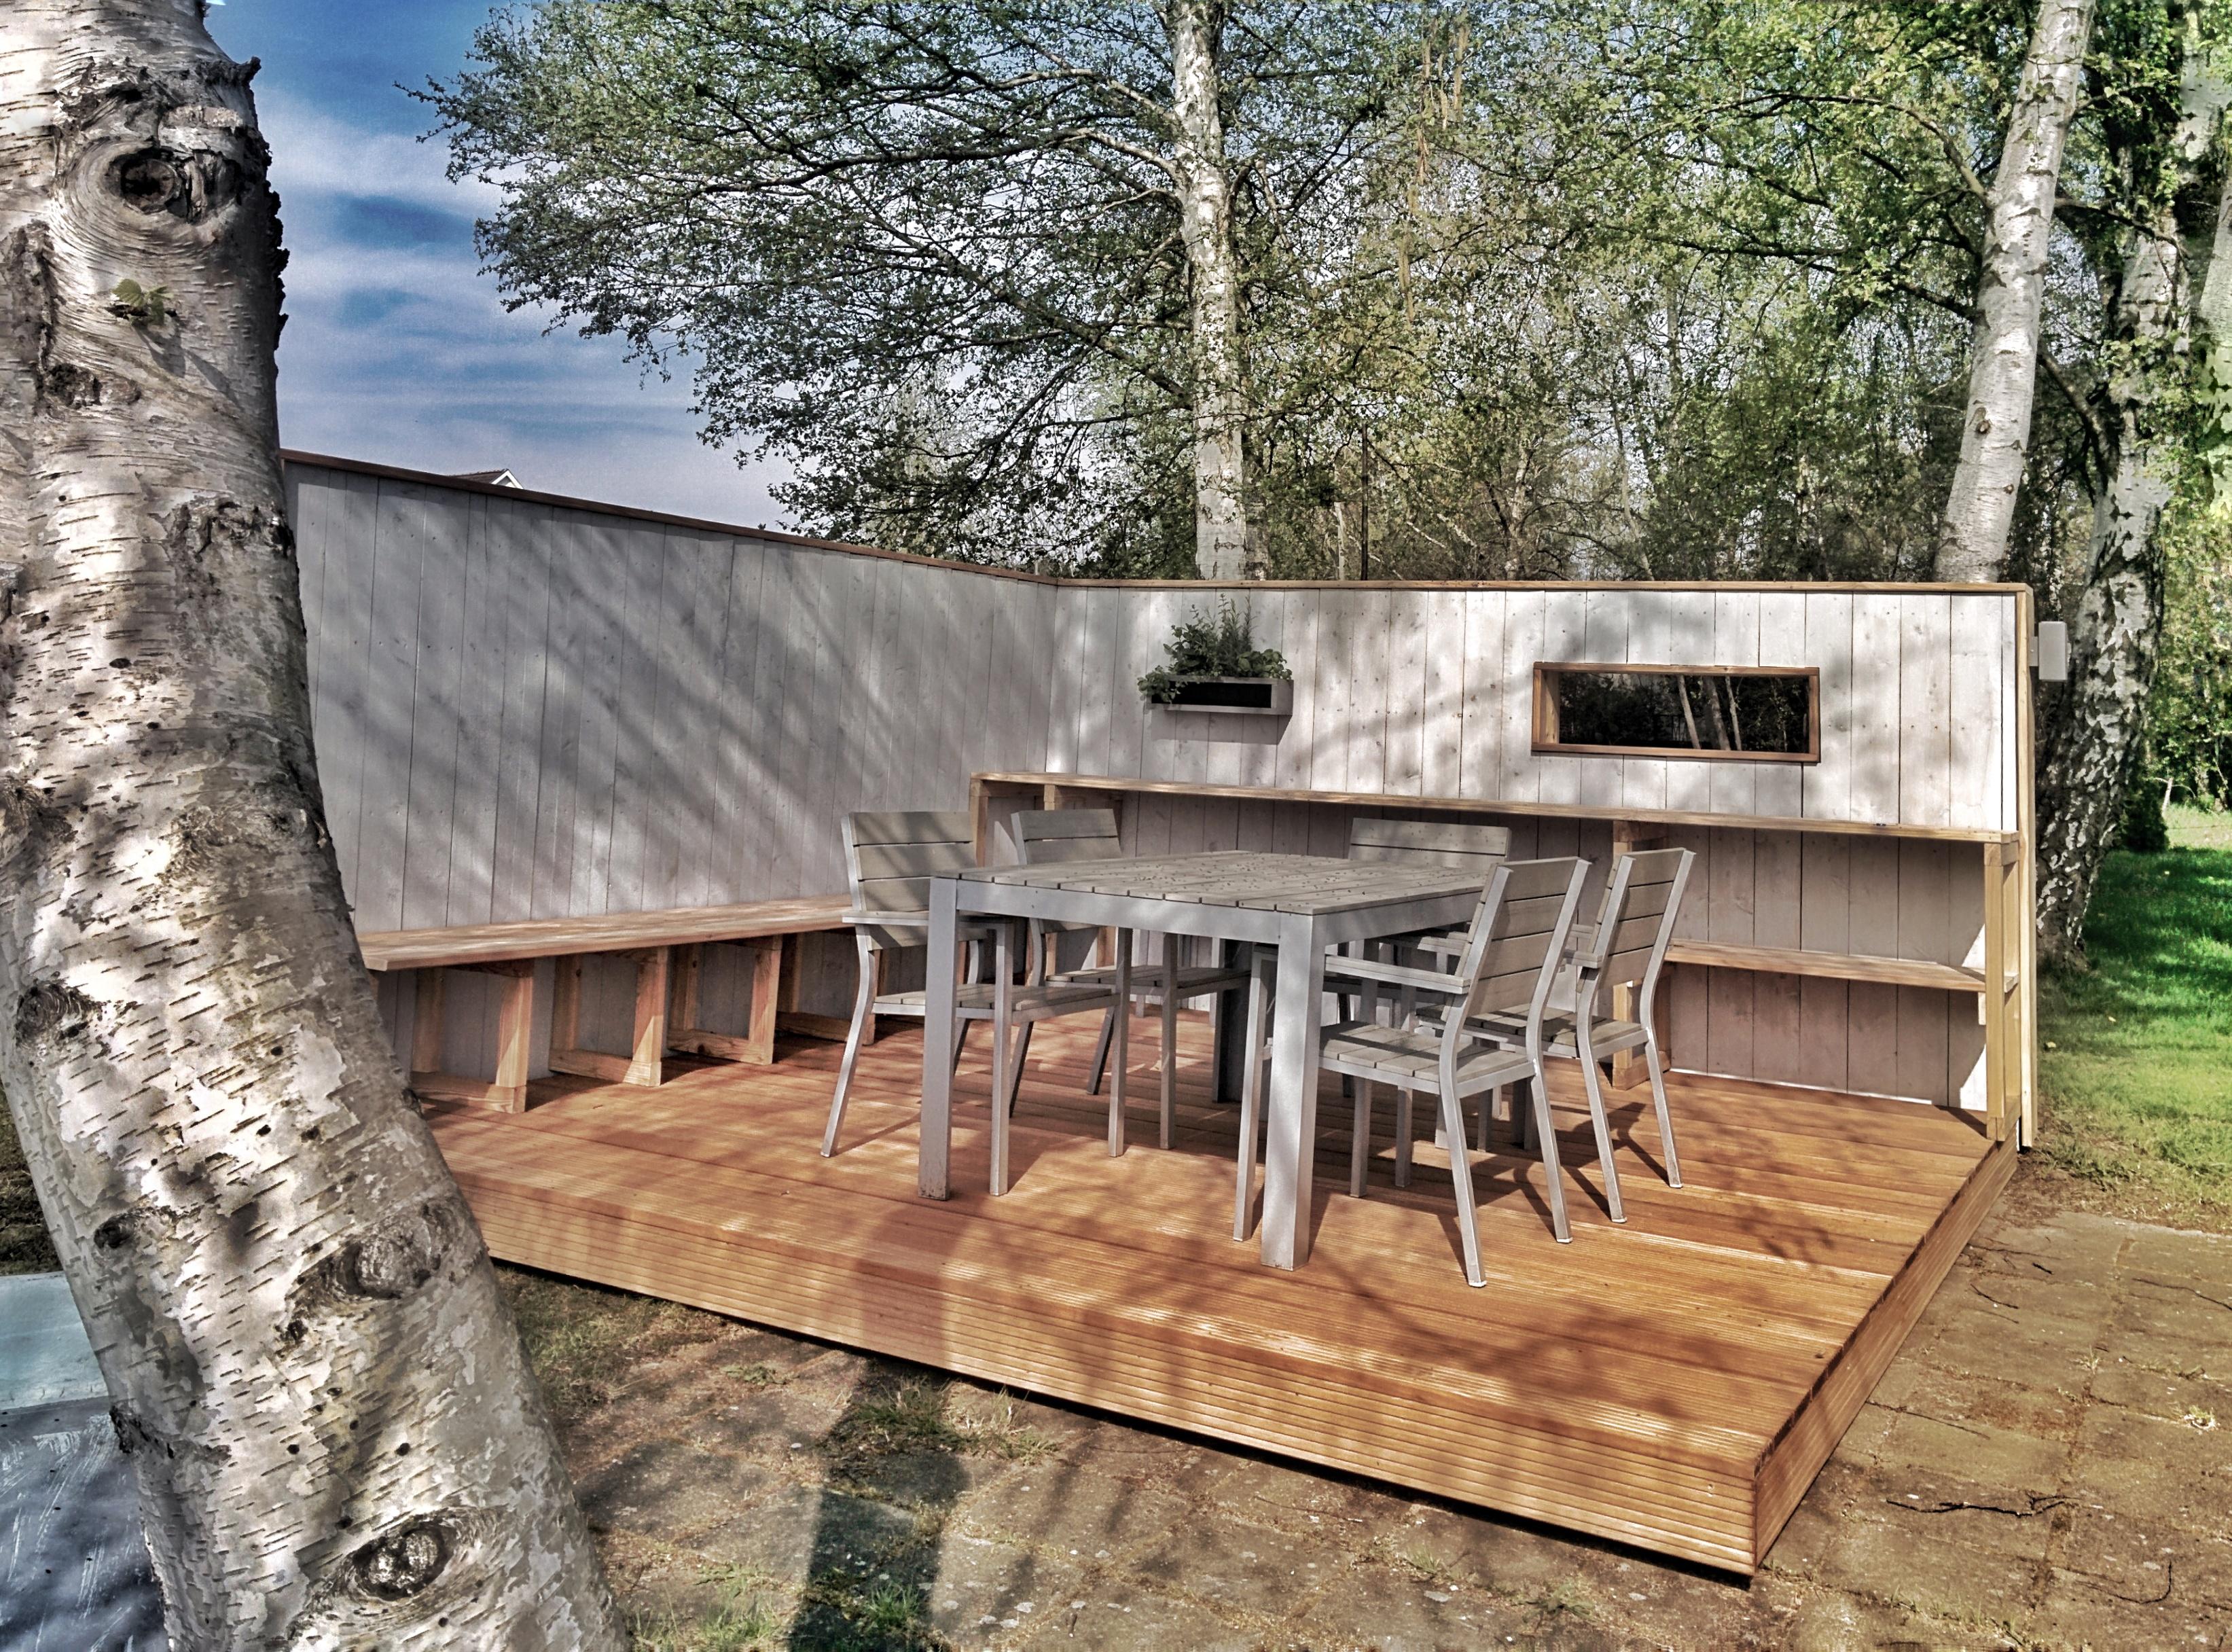 Aussenküche für einen schönen Familienurlaub an der Ostsee